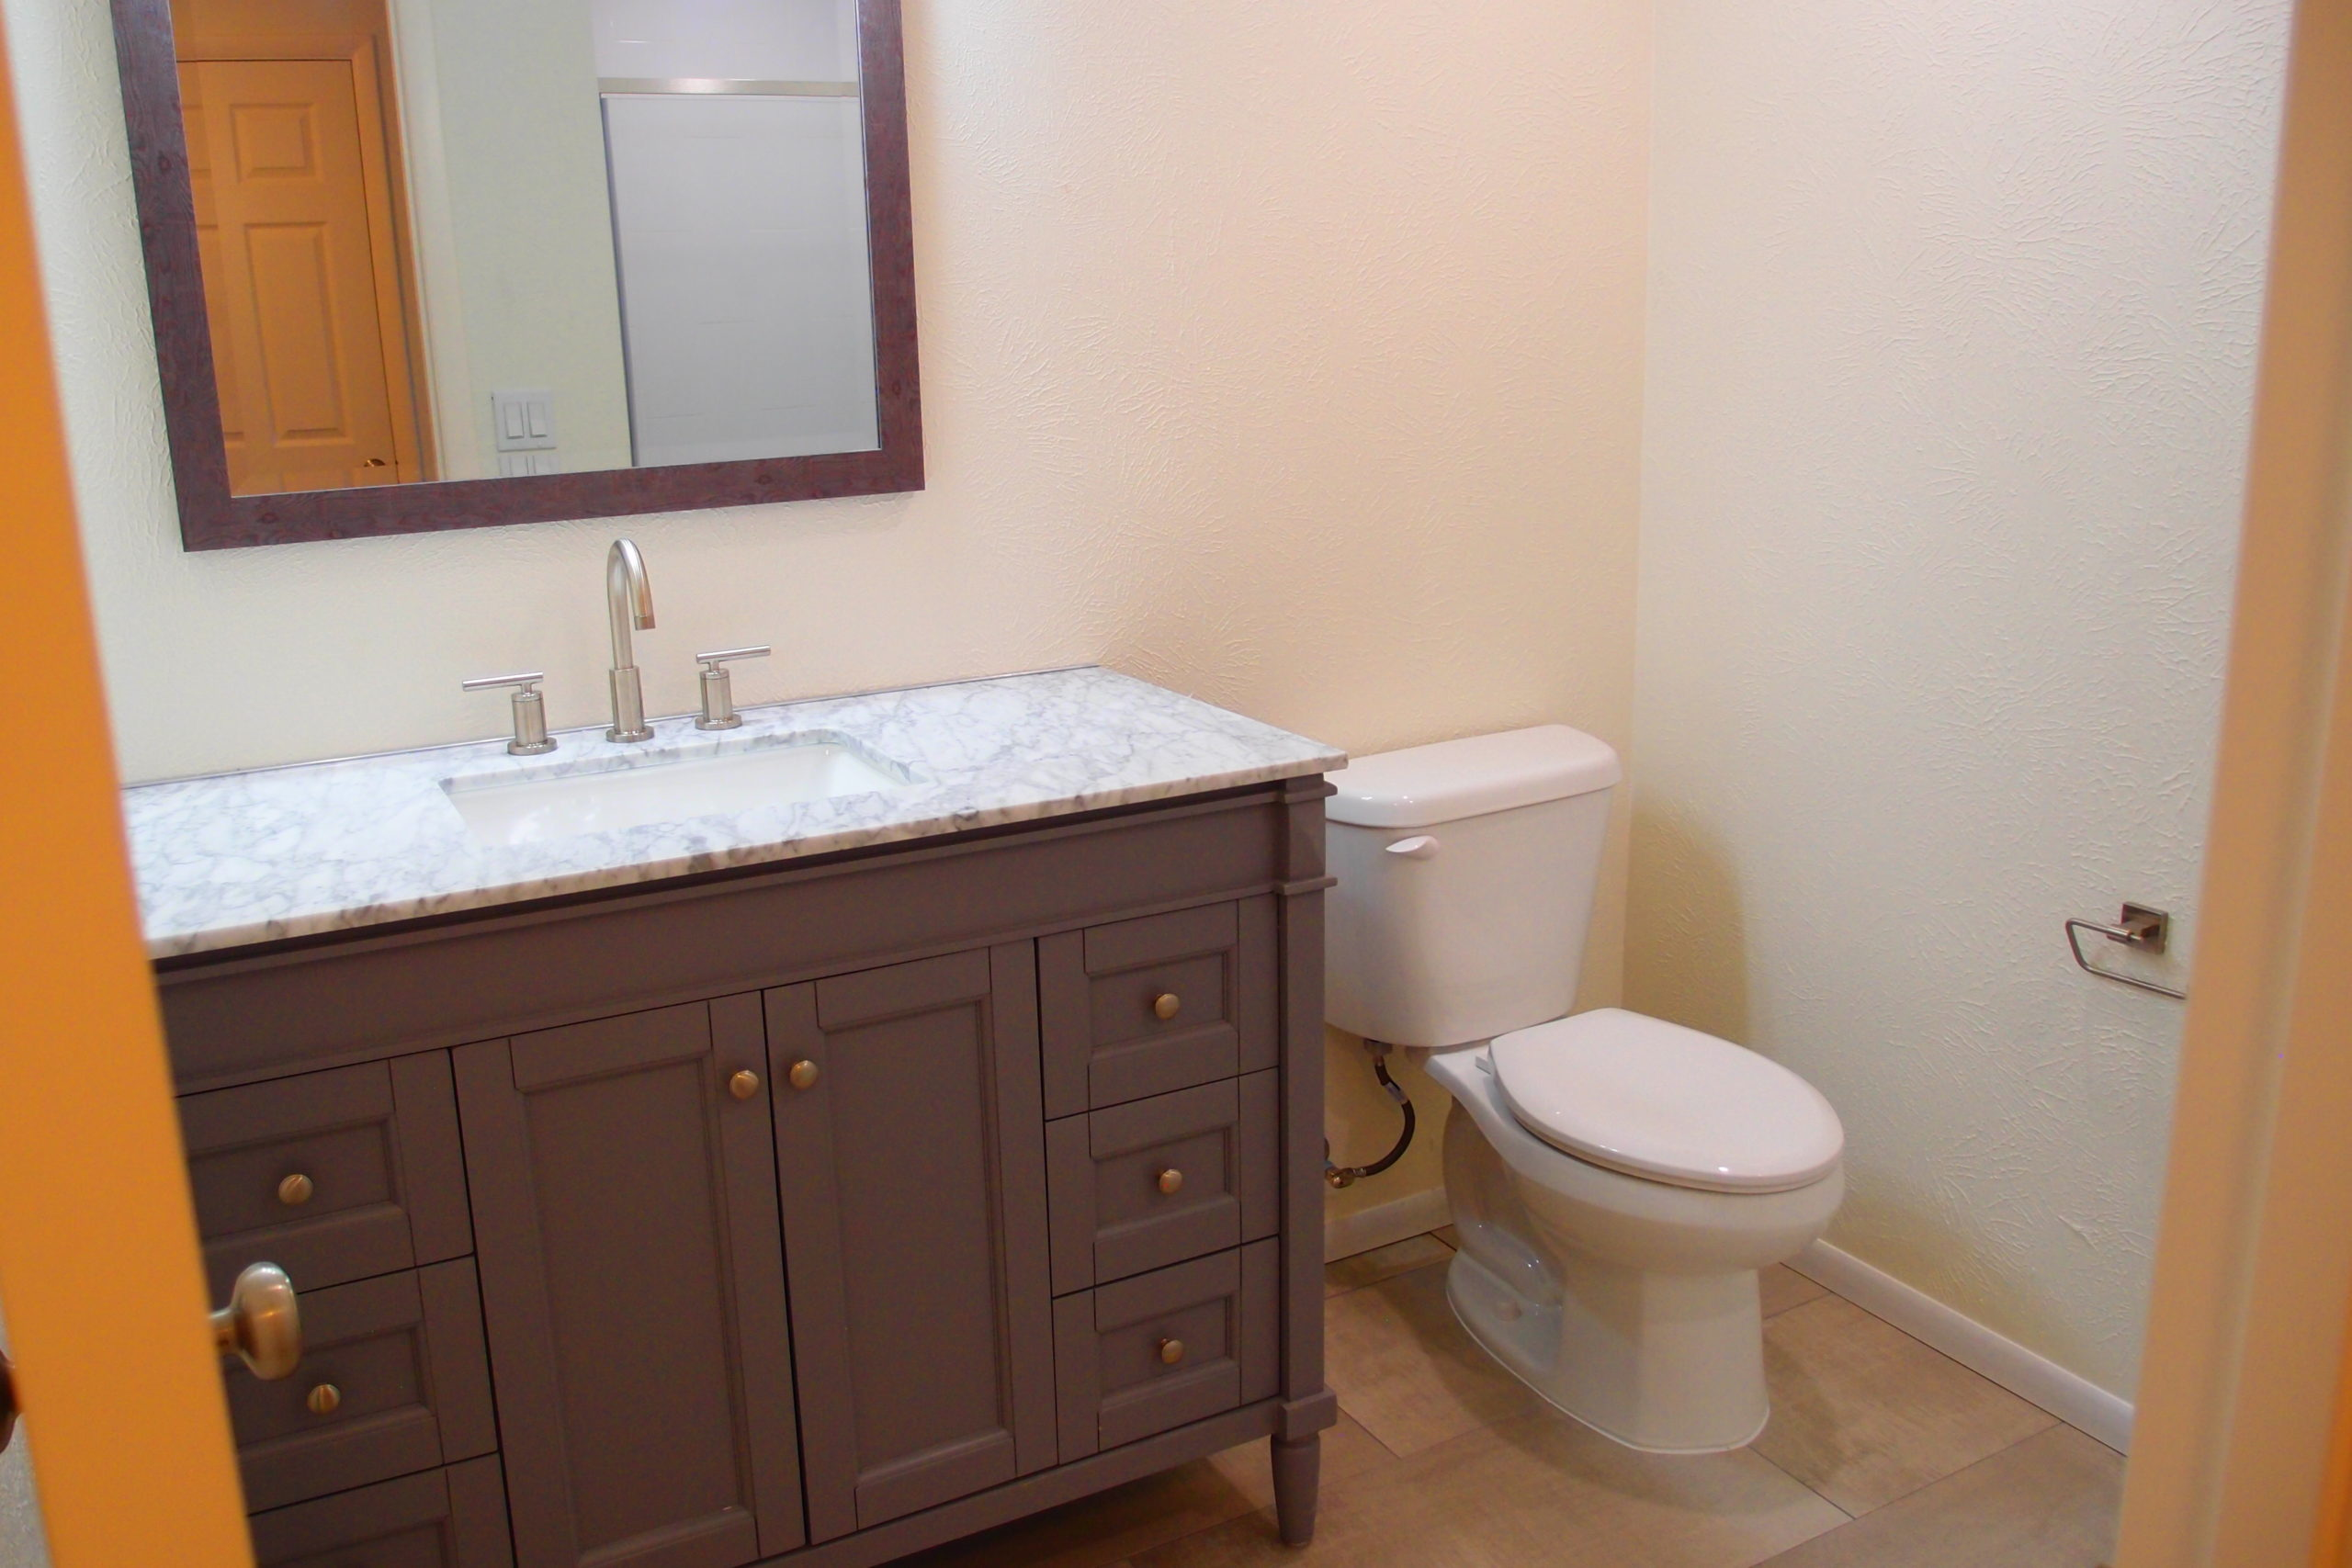 Spruce Bathroom Most Units